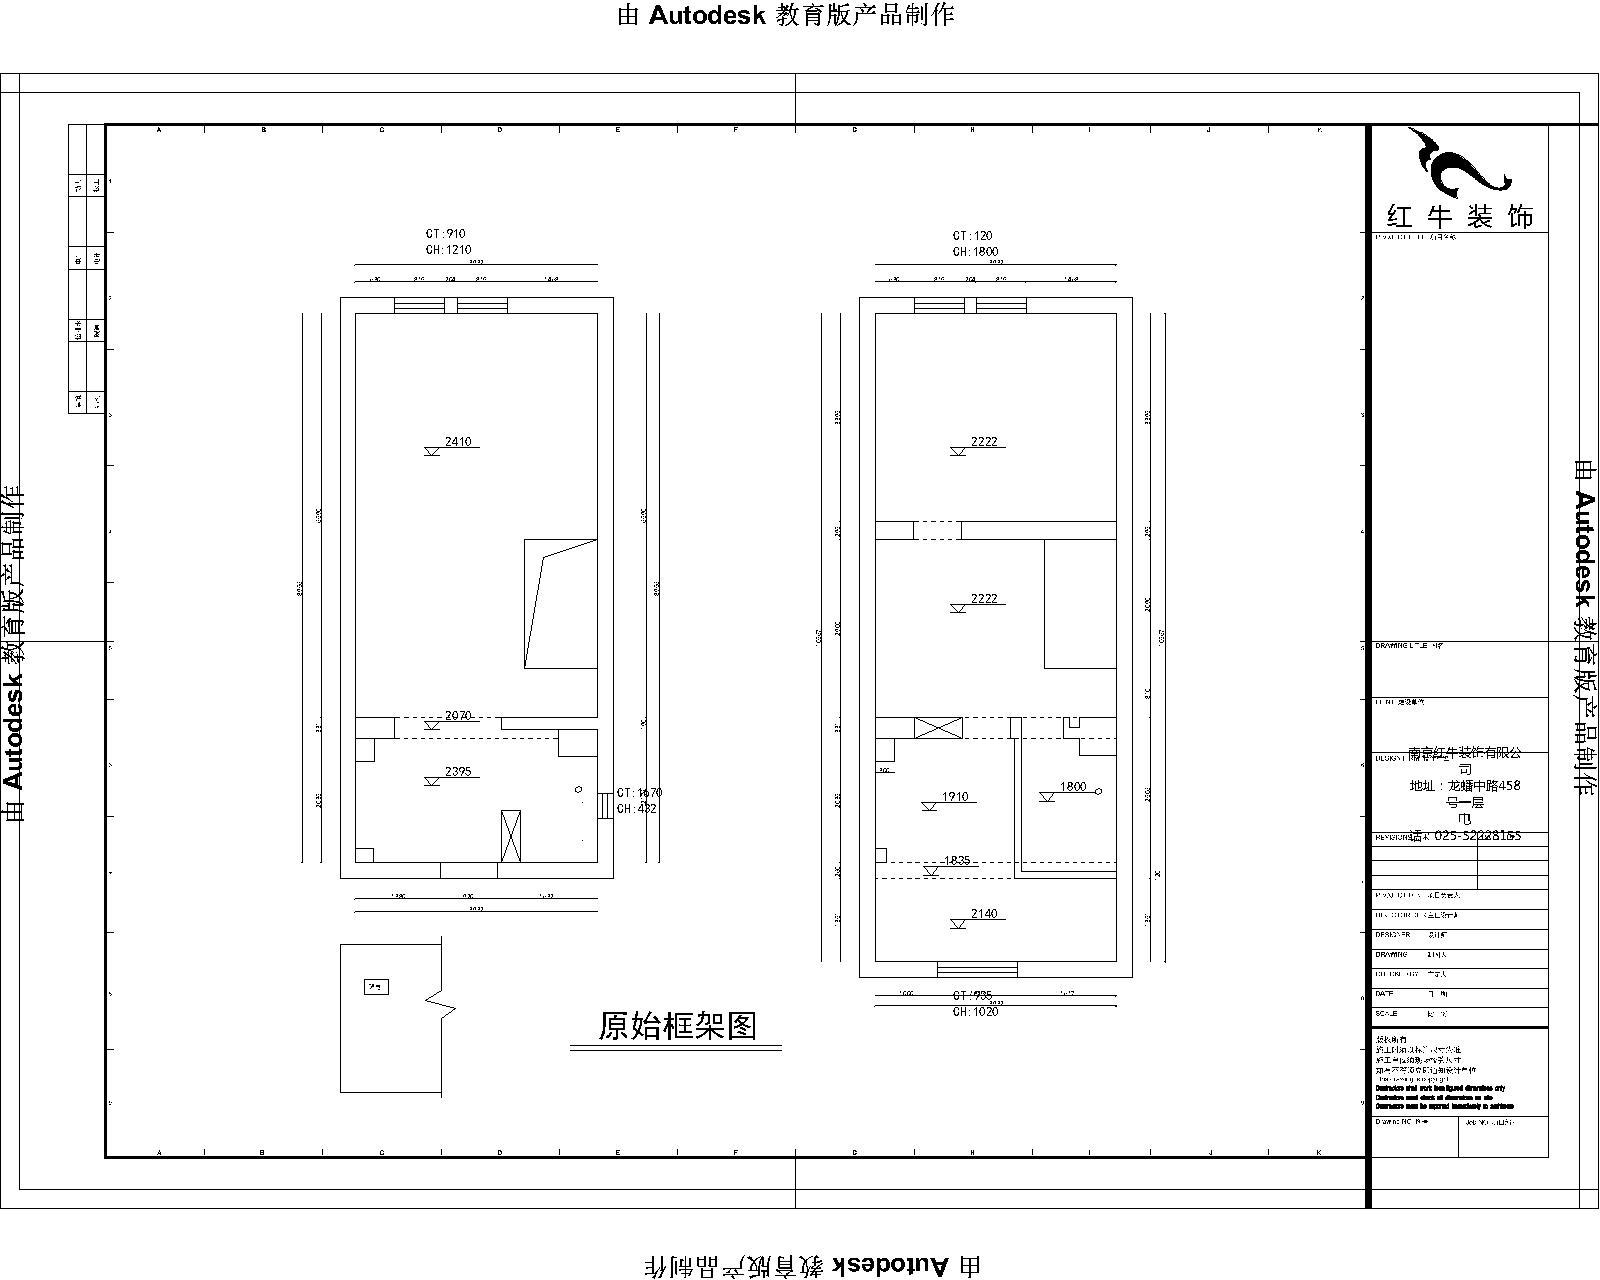 御水湾花园63-1-504原始框架图